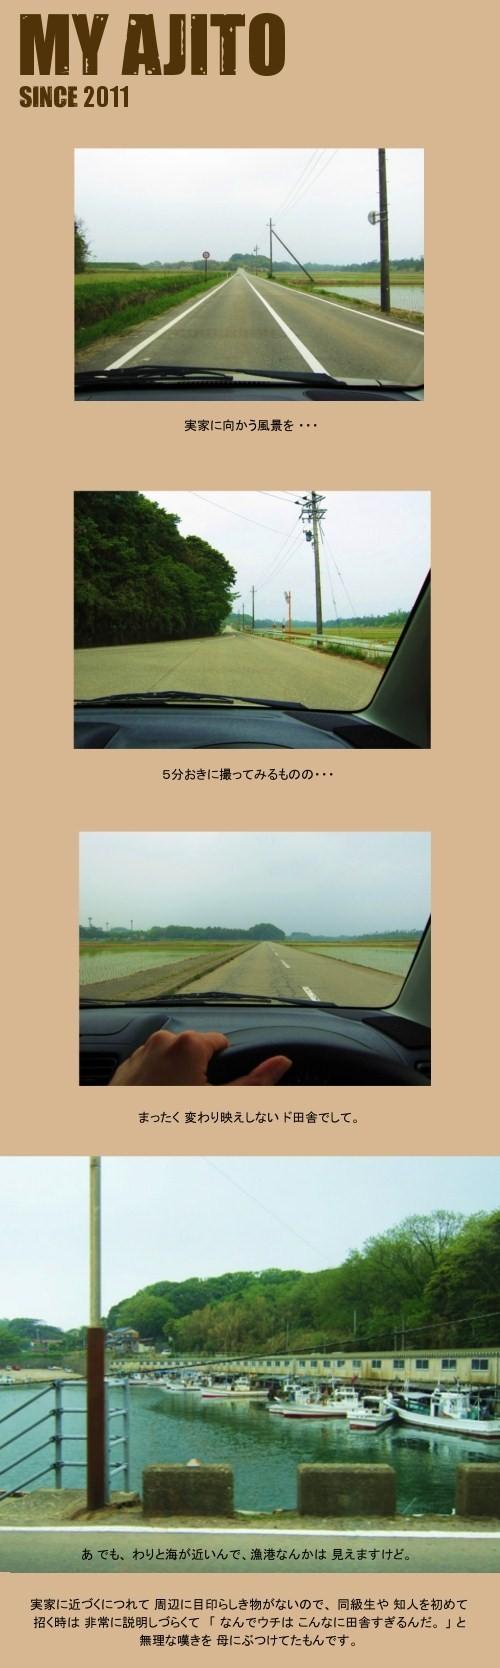 jikka_i_01.jpg